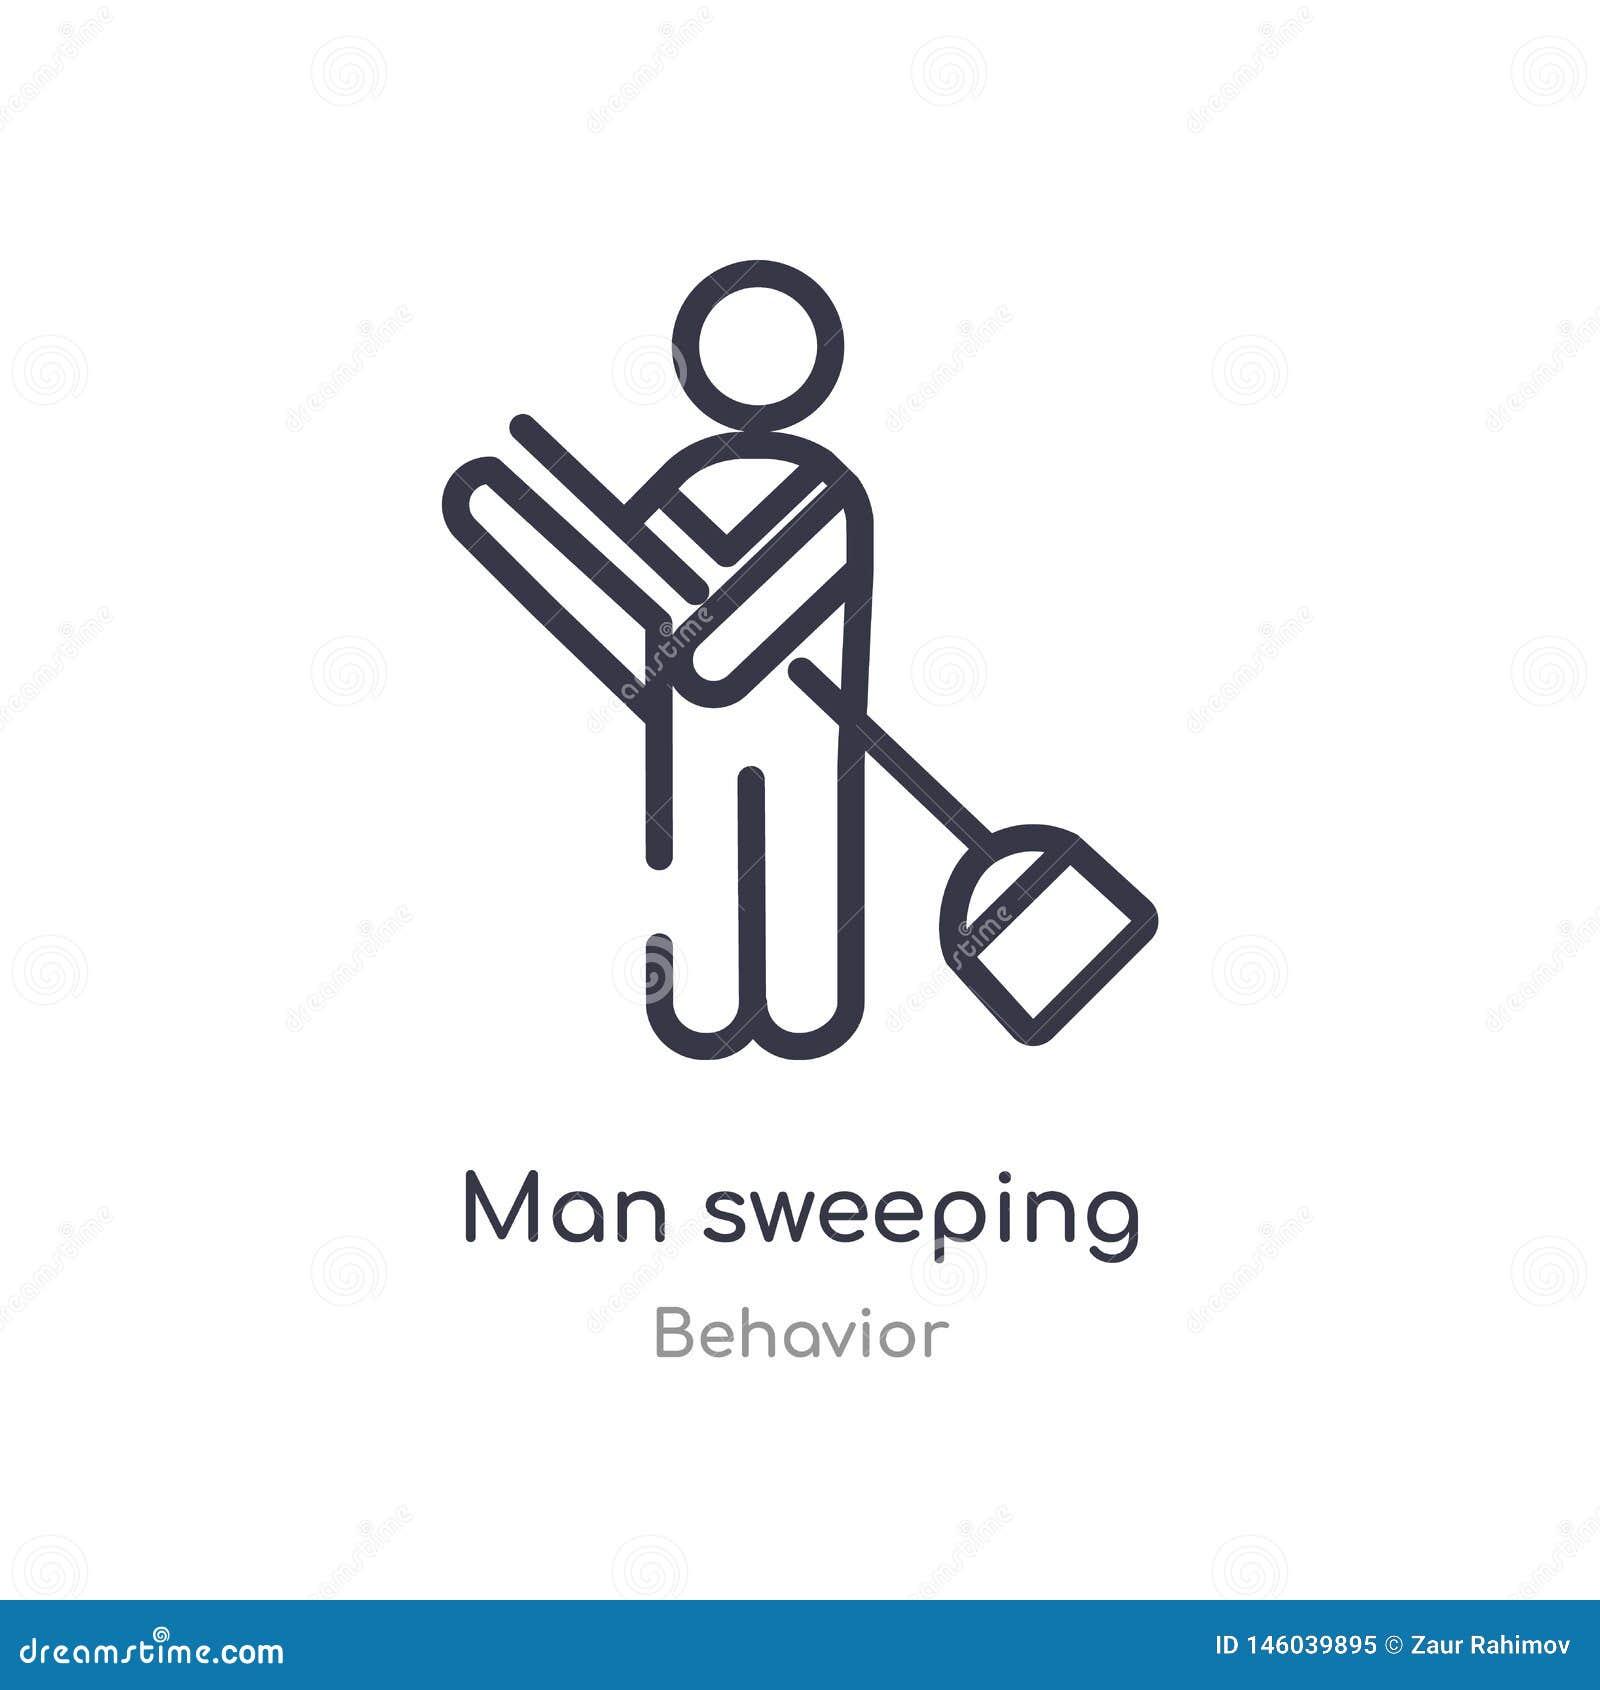 Mężczyzny konturu ogólna ikona odosobniona kreskowa wektorowa ilustracja od zachowanie kolekcji editable cienkiego uderzenie mężc